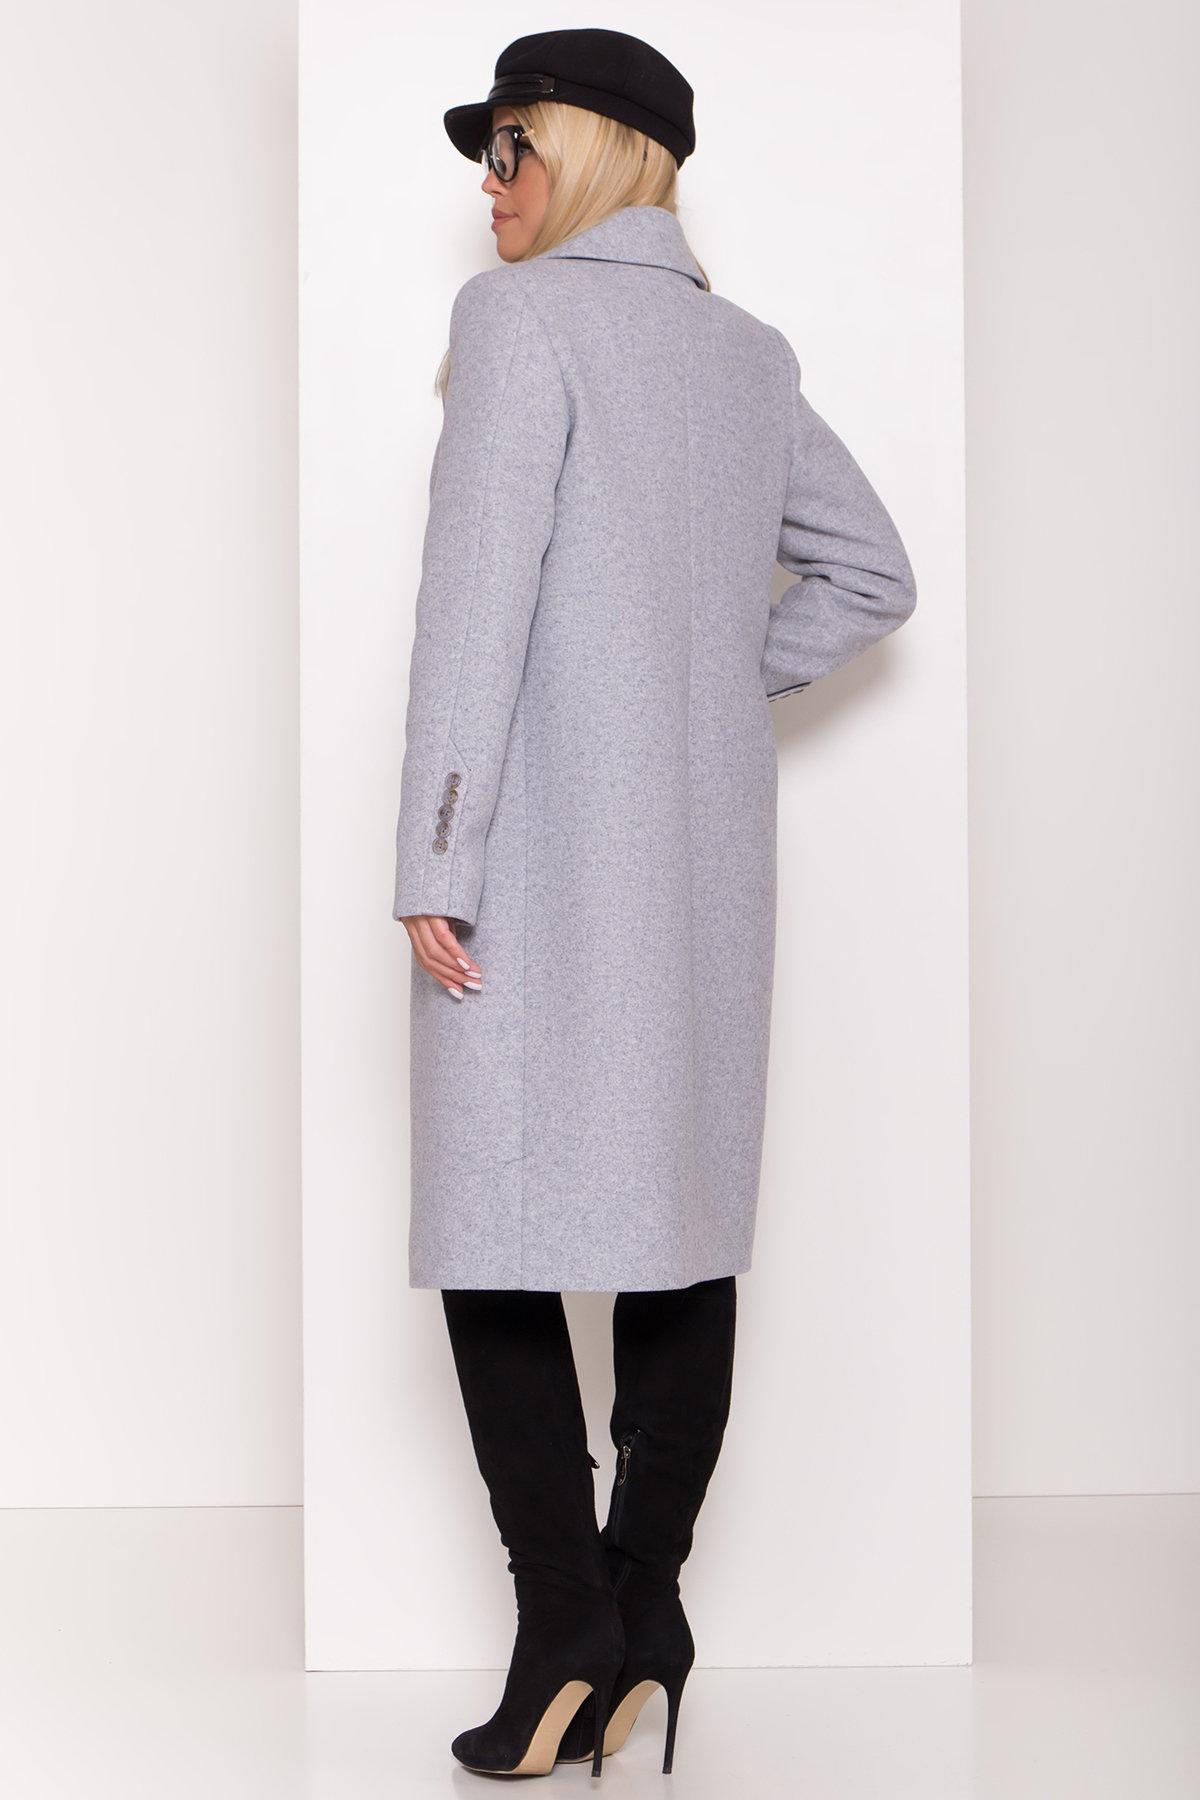 Пальто зима Реджи классик 8202 АРТ. 44217 Цвет: Серый Светлый 33 - фото 3, интернет магазин tm-modus.ru